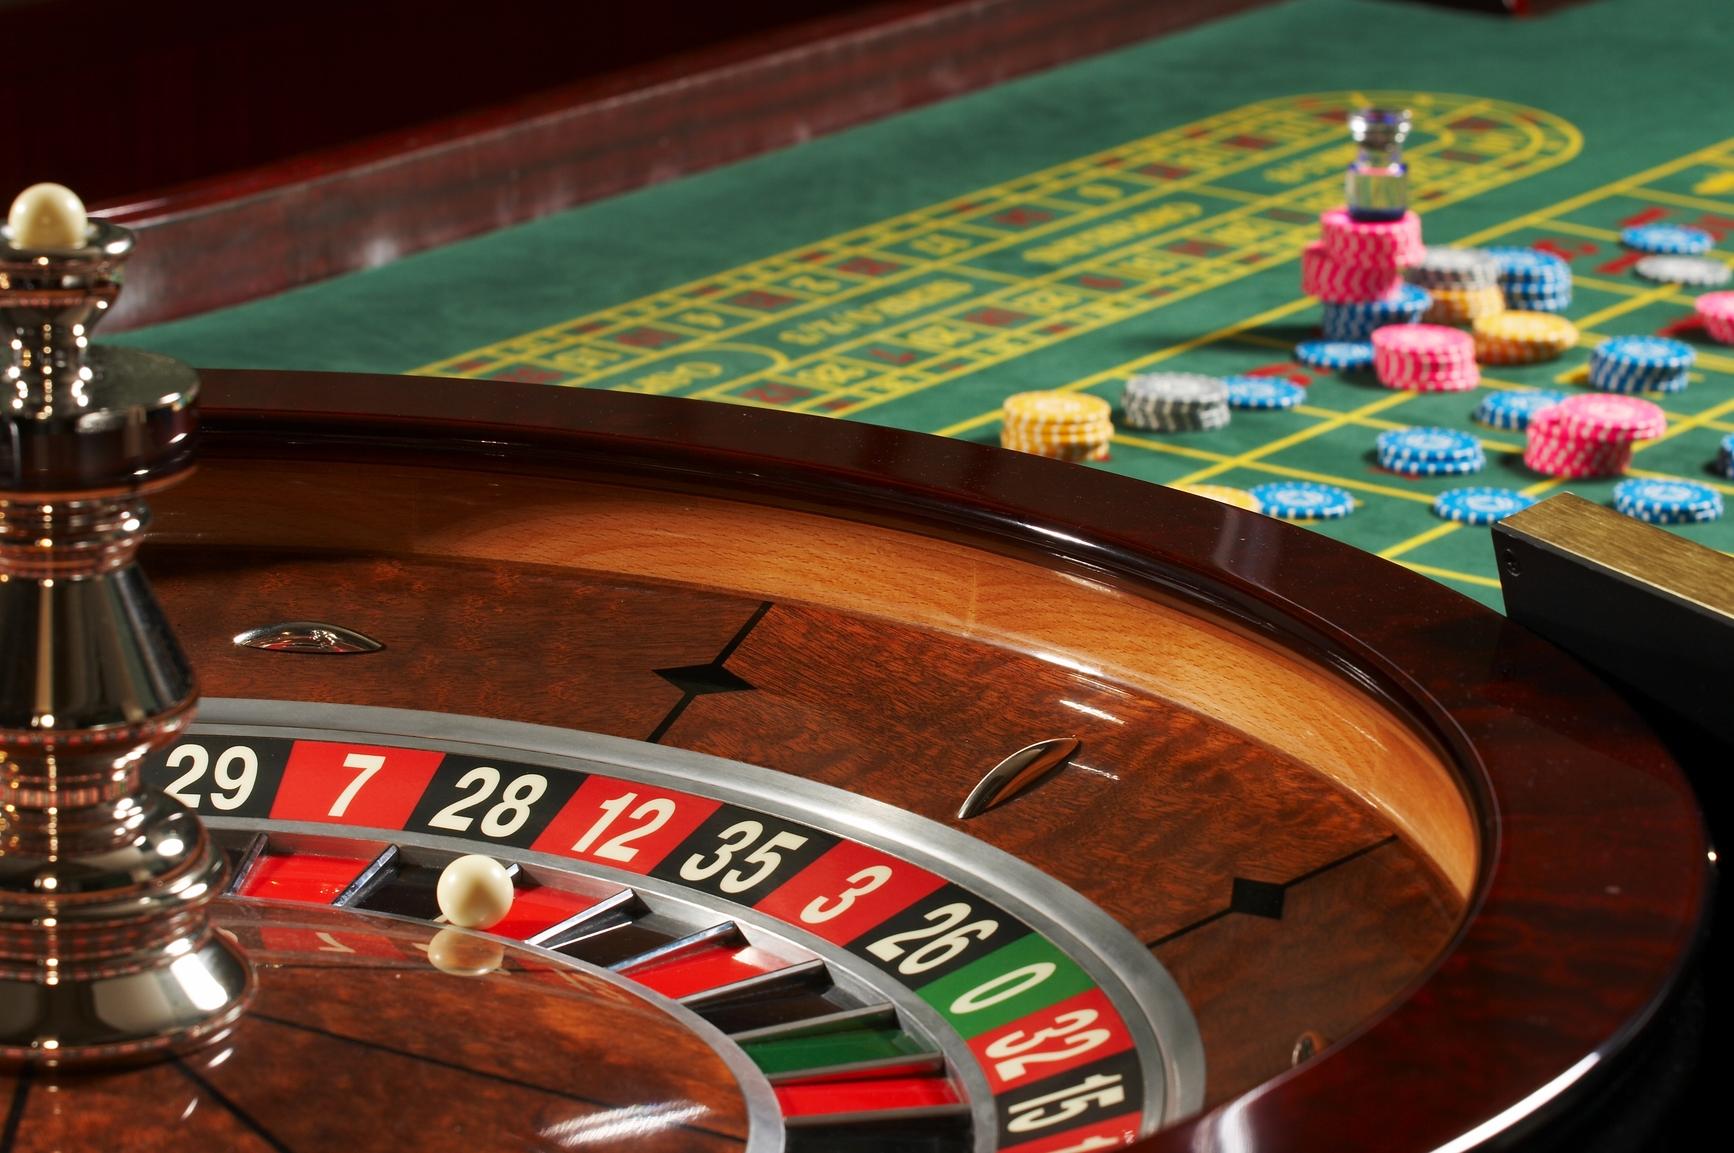 Slap af når du spiller roulette online